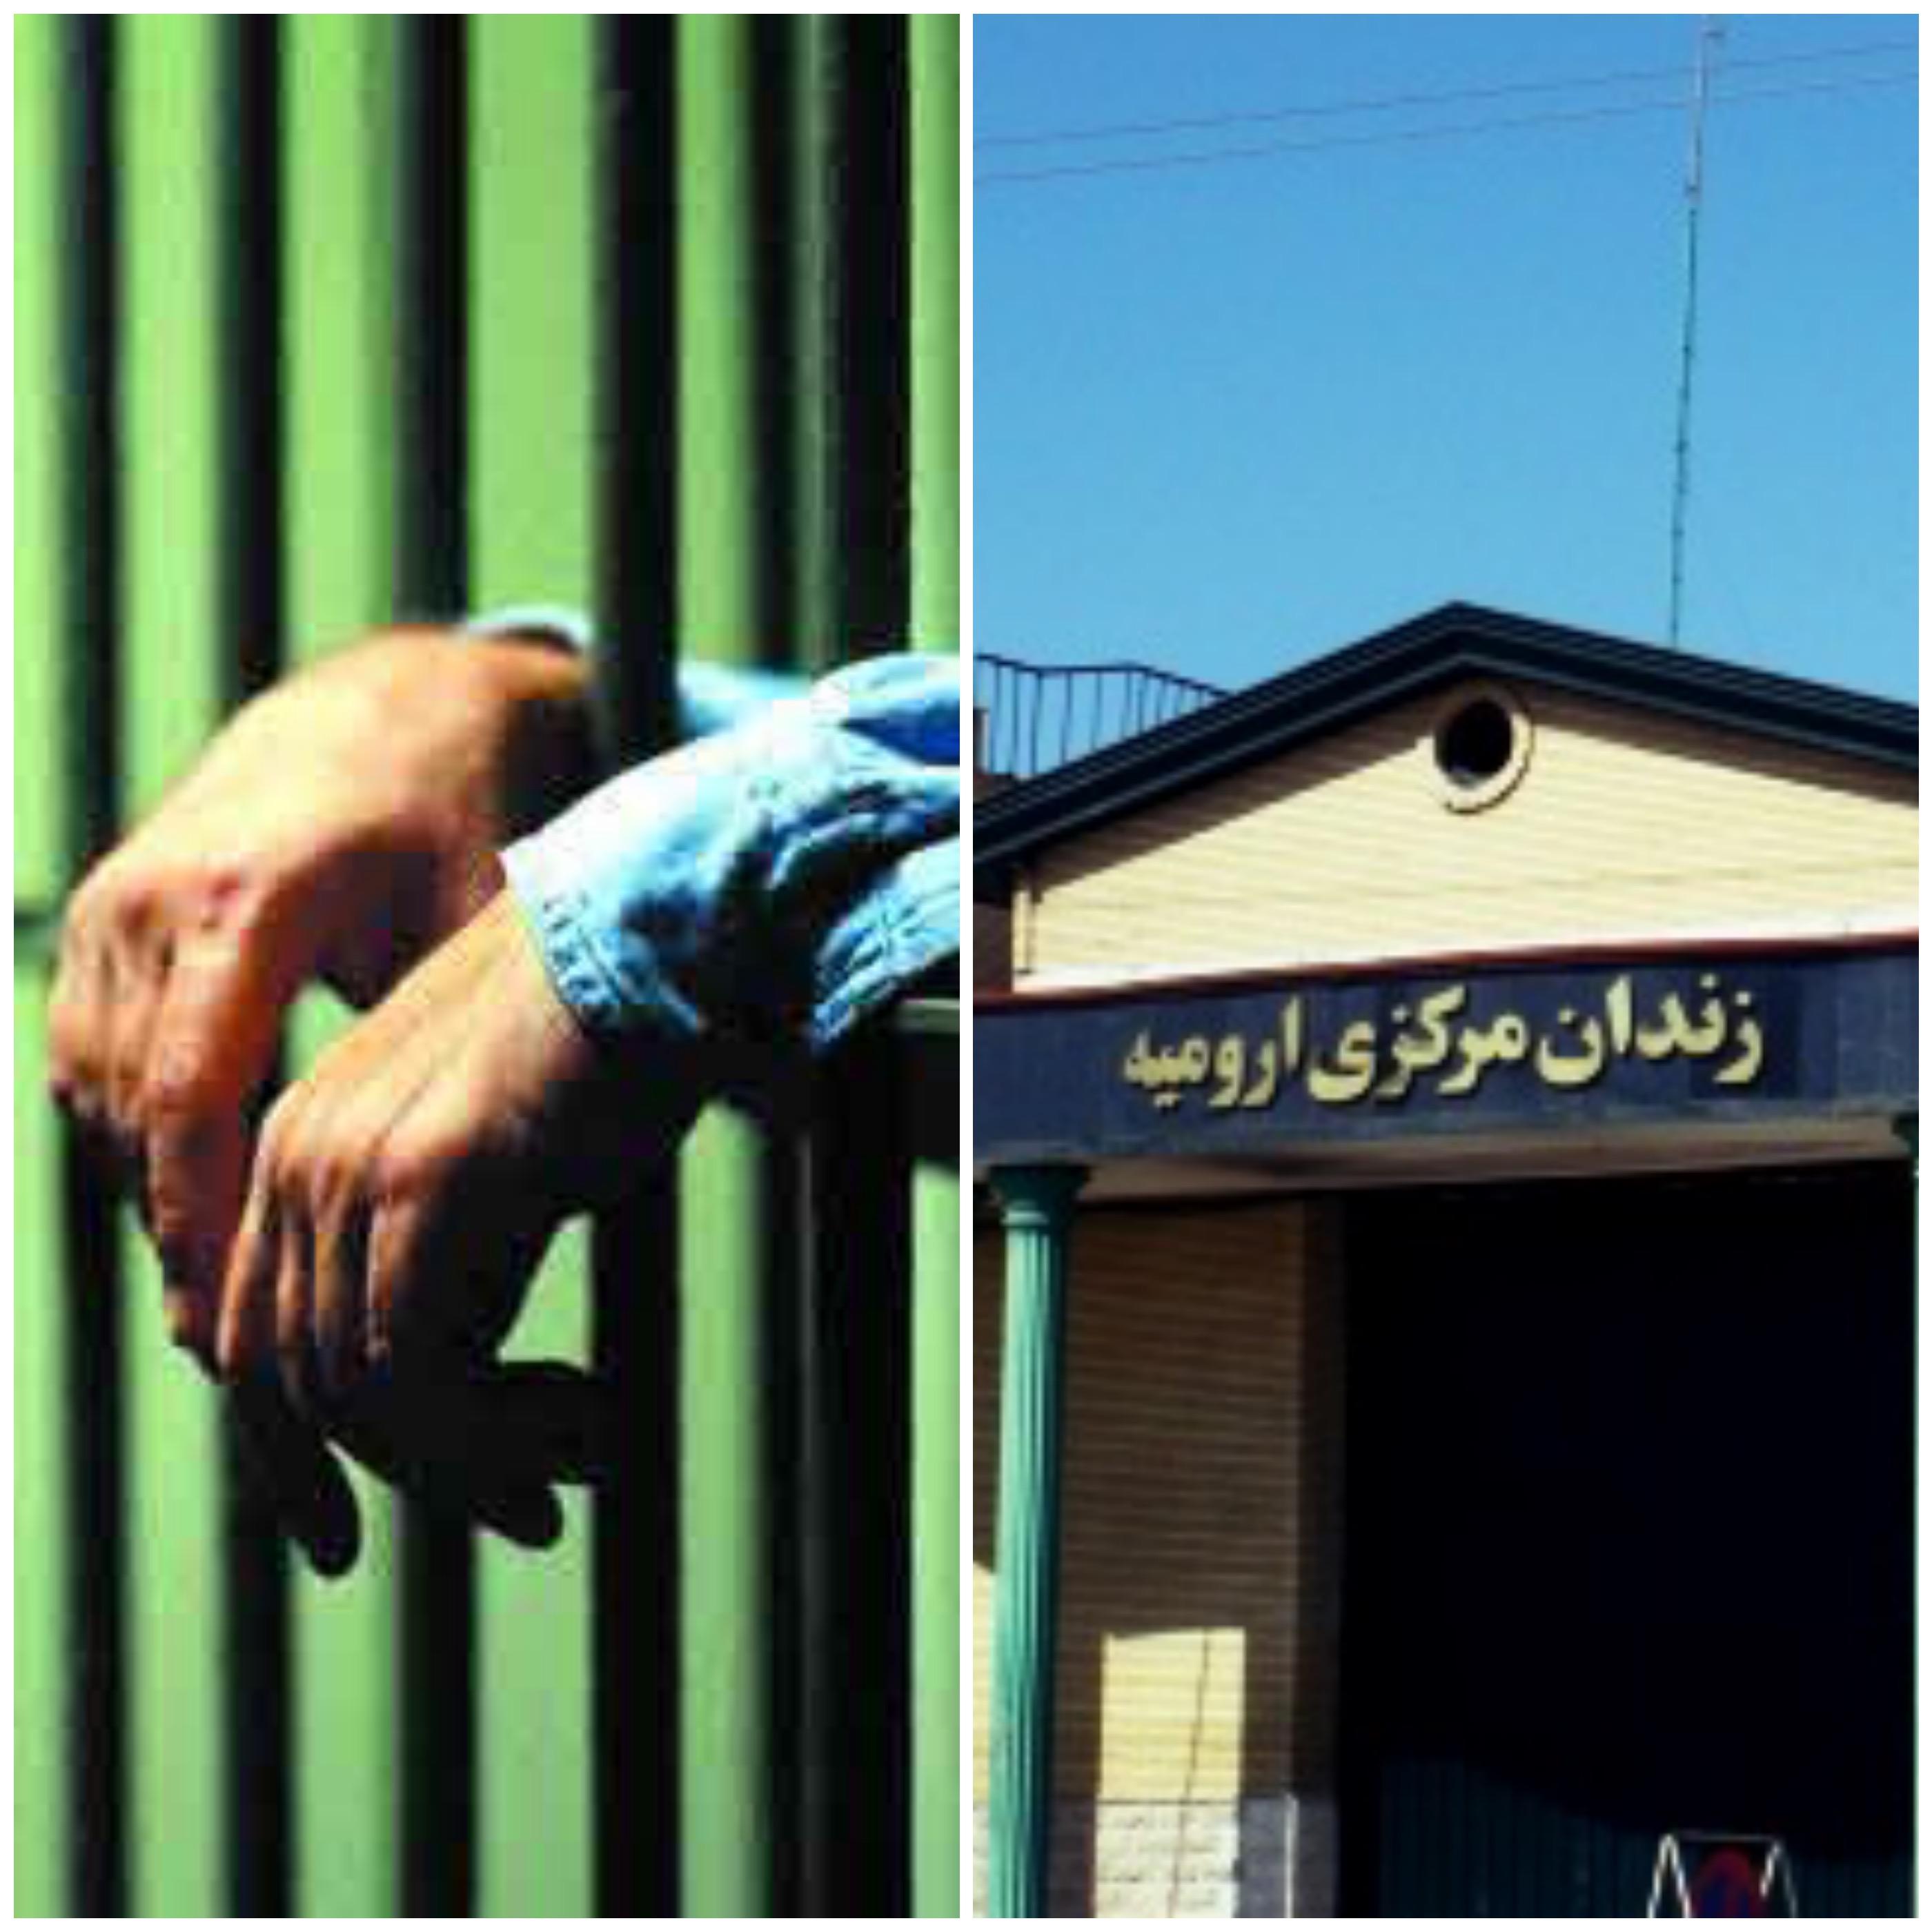 فشار بر یک زندانی سیاسی کرد در زندان ارومیه